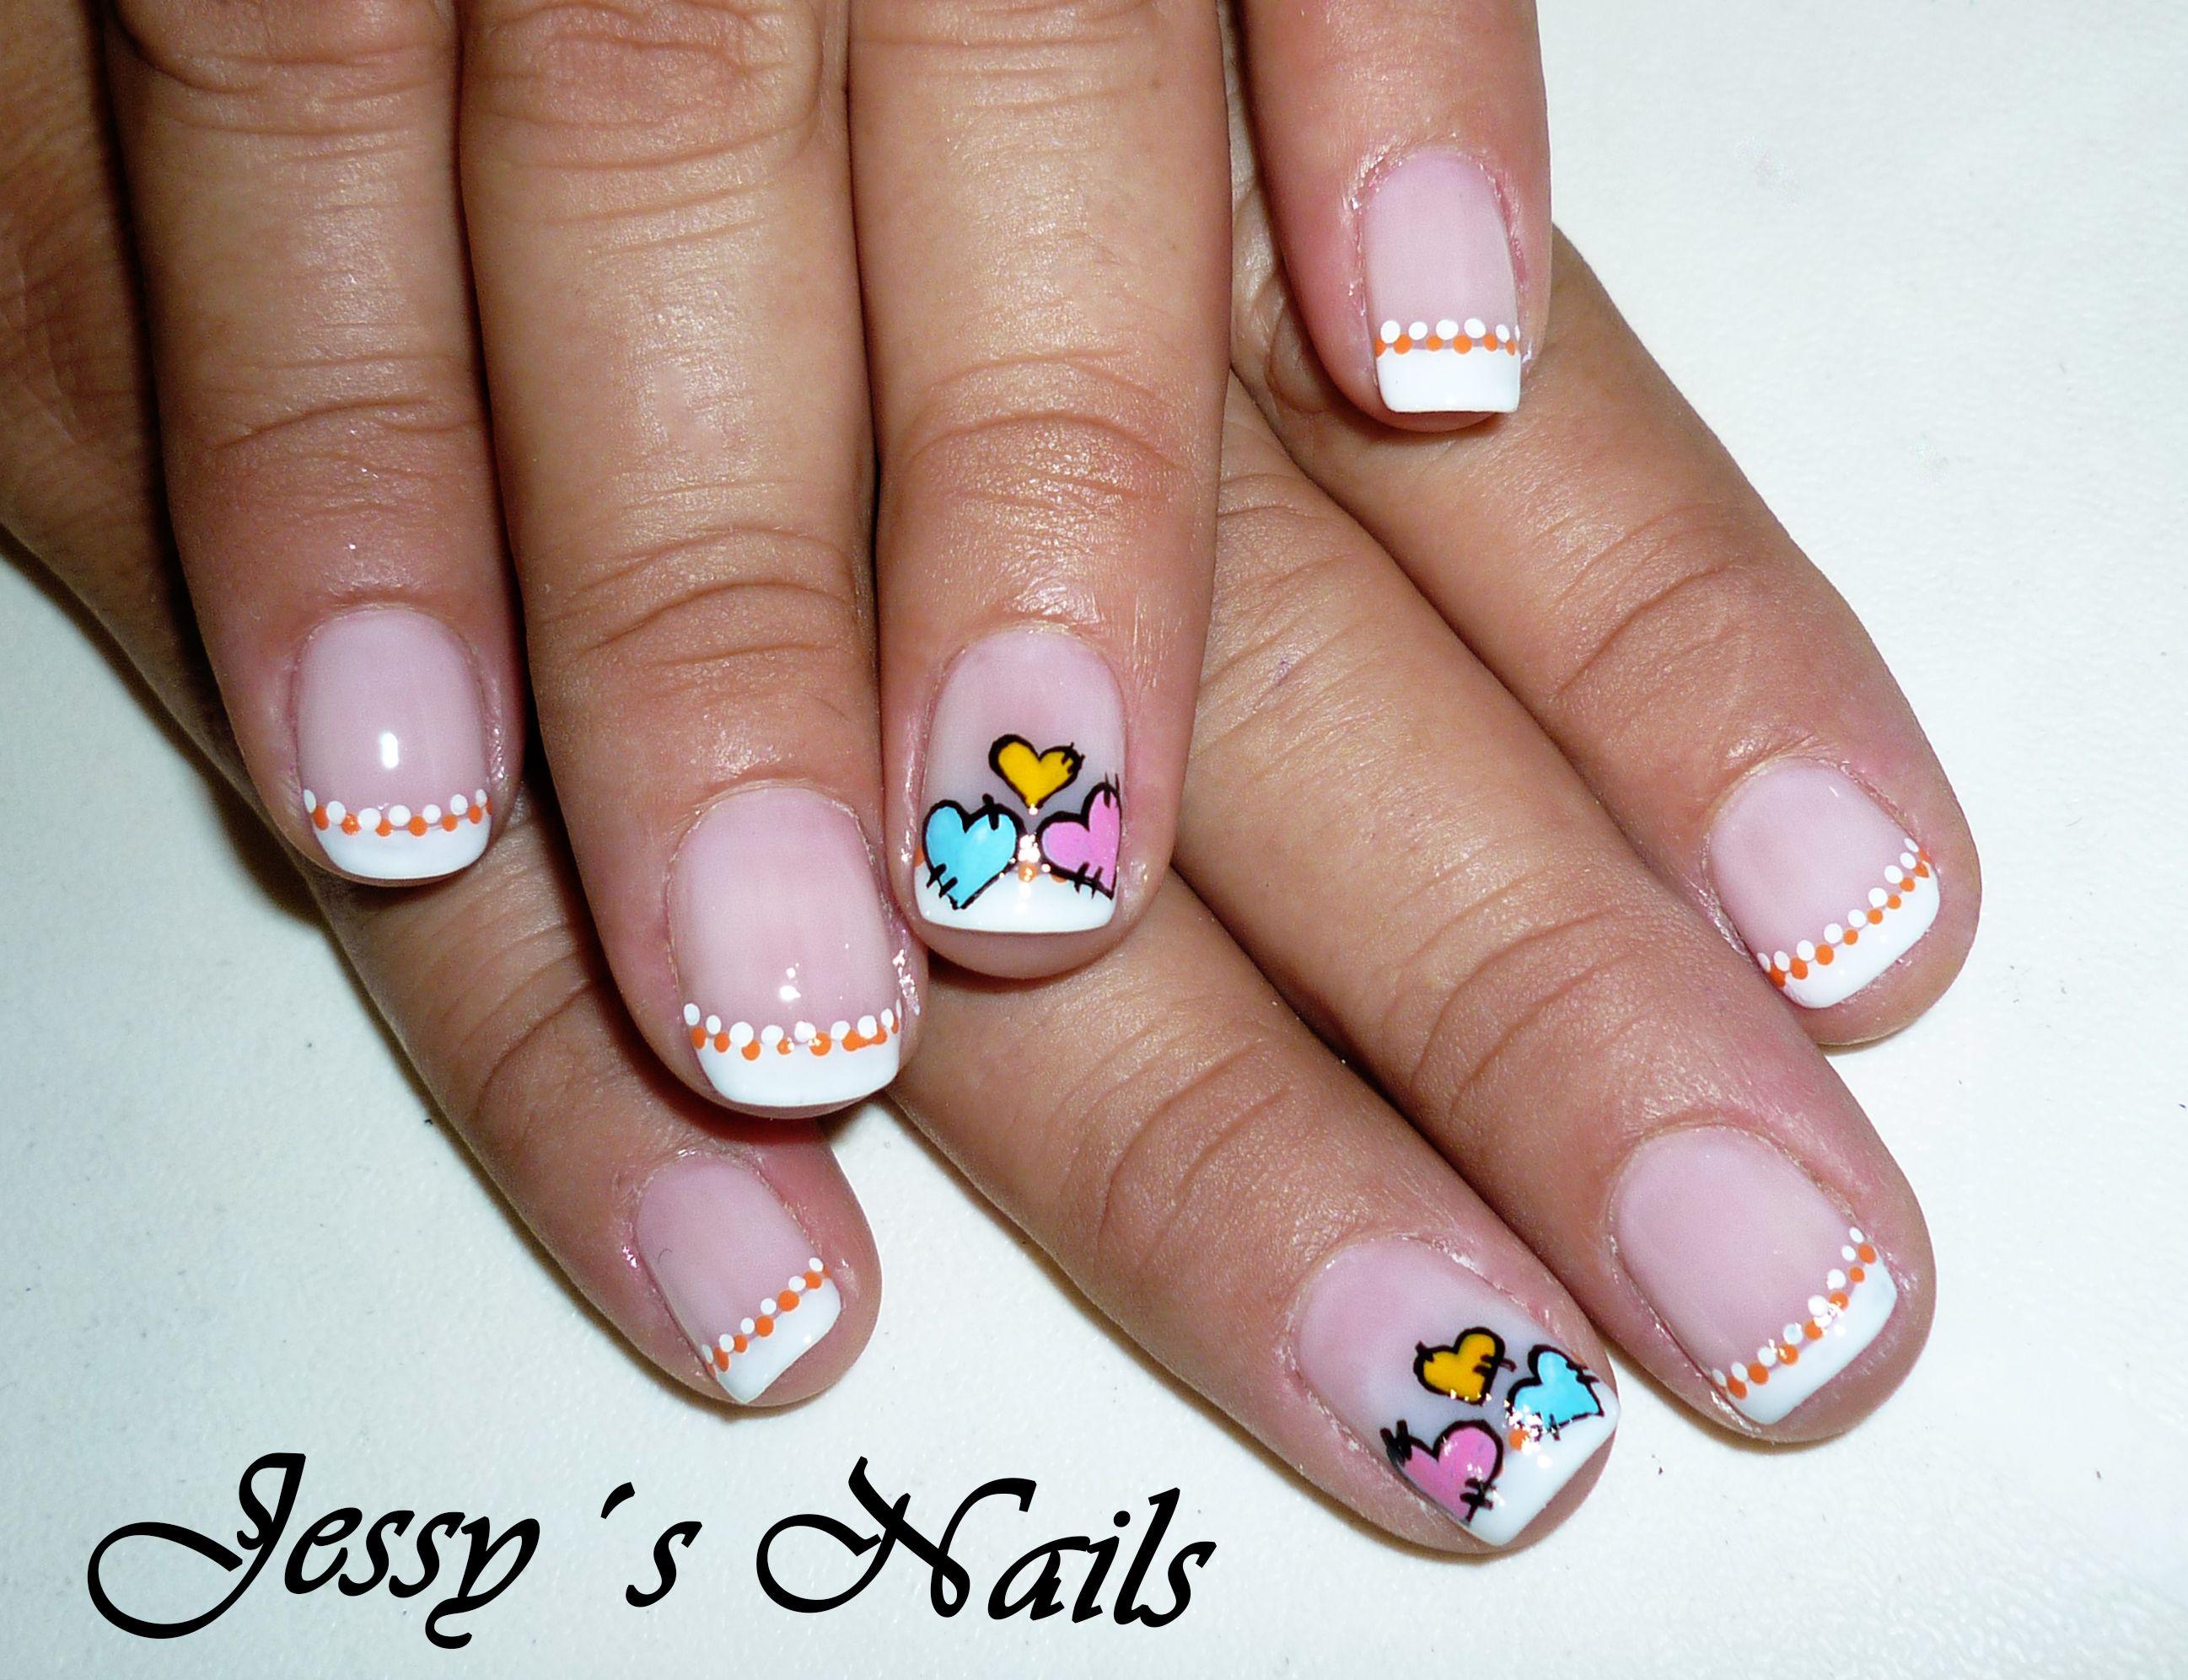 Unas Decoradas Con Corazones Y Puntos Pretty Nails Nails Sexy